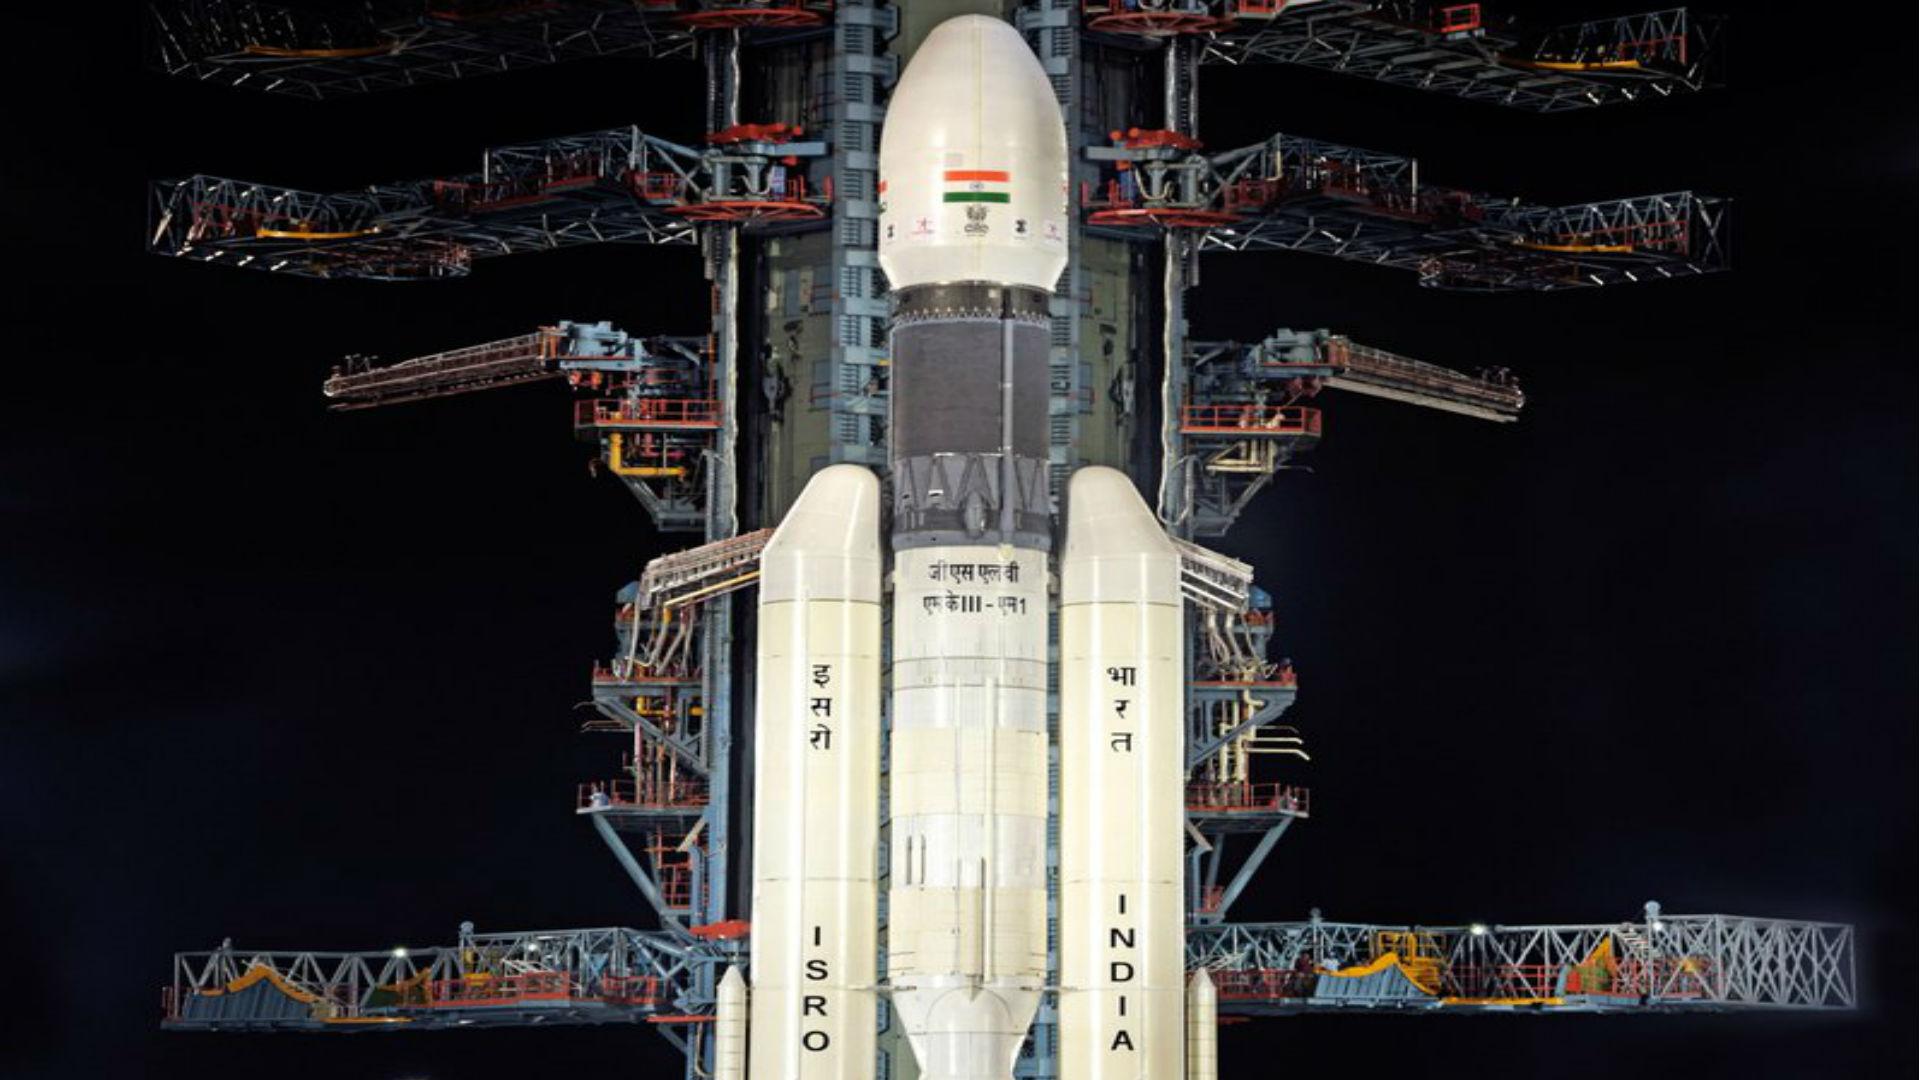 ISRO ने बताई चंद्रयान 2 की नई लॉन्चिंग डेट, सभी तकनीकी खामियों को सुधारने का किया दावा